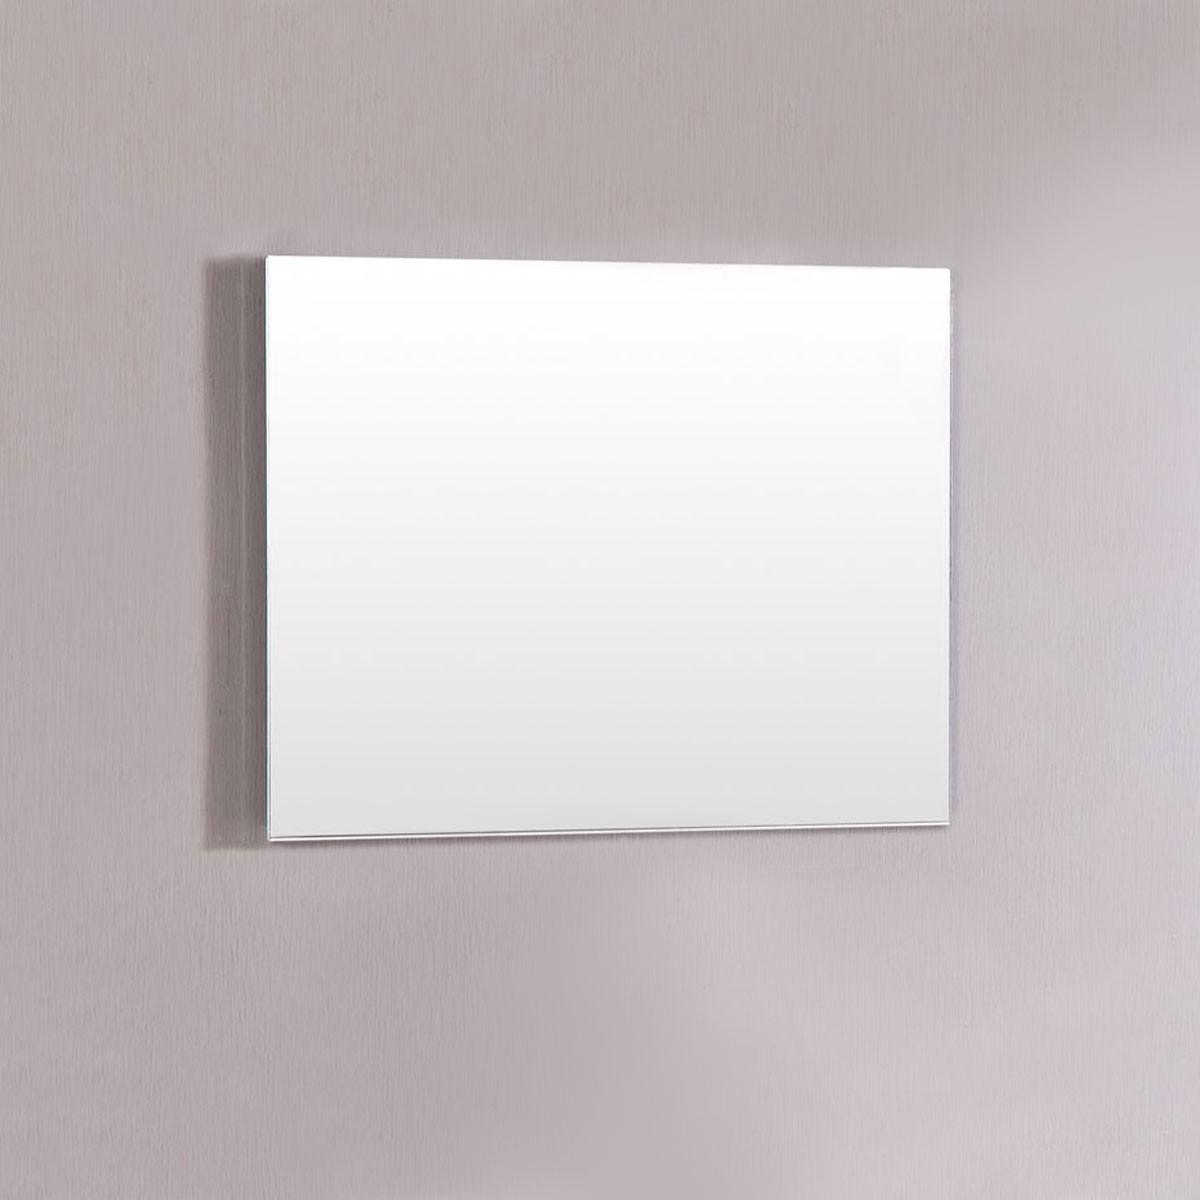 30 X 40 Po Miroir Pour Meuble Salle De Bain DK TM8120S M